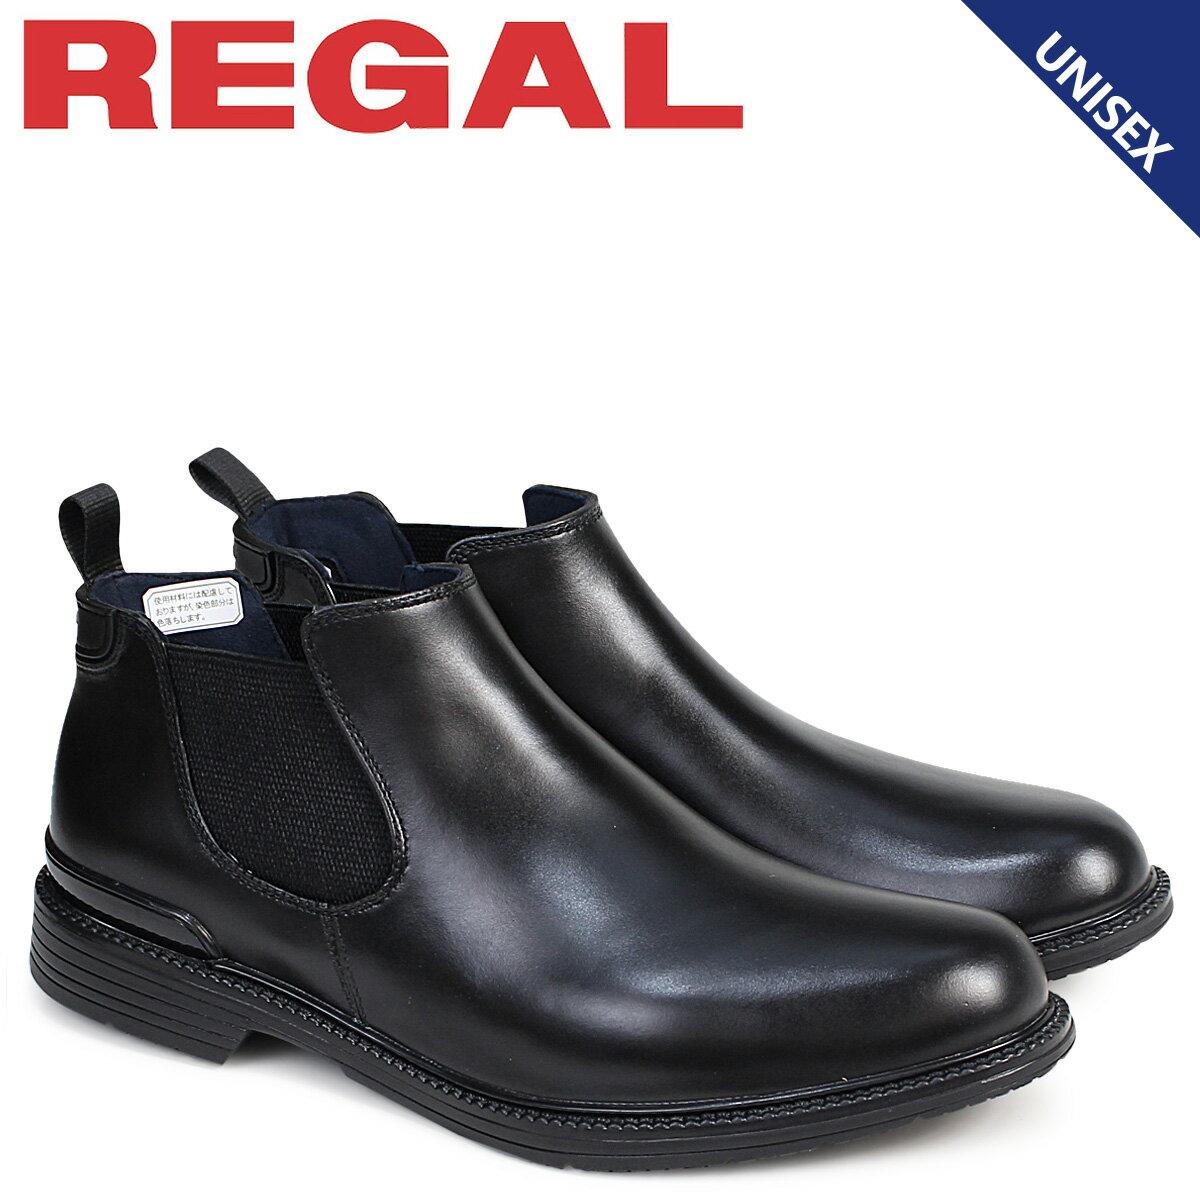 リーガル 靴 メンズ レディース REGAL レインブーツ 57GR ビジネスシューズ サイドゴア ブラック 防水 [11/18 追加入荷]